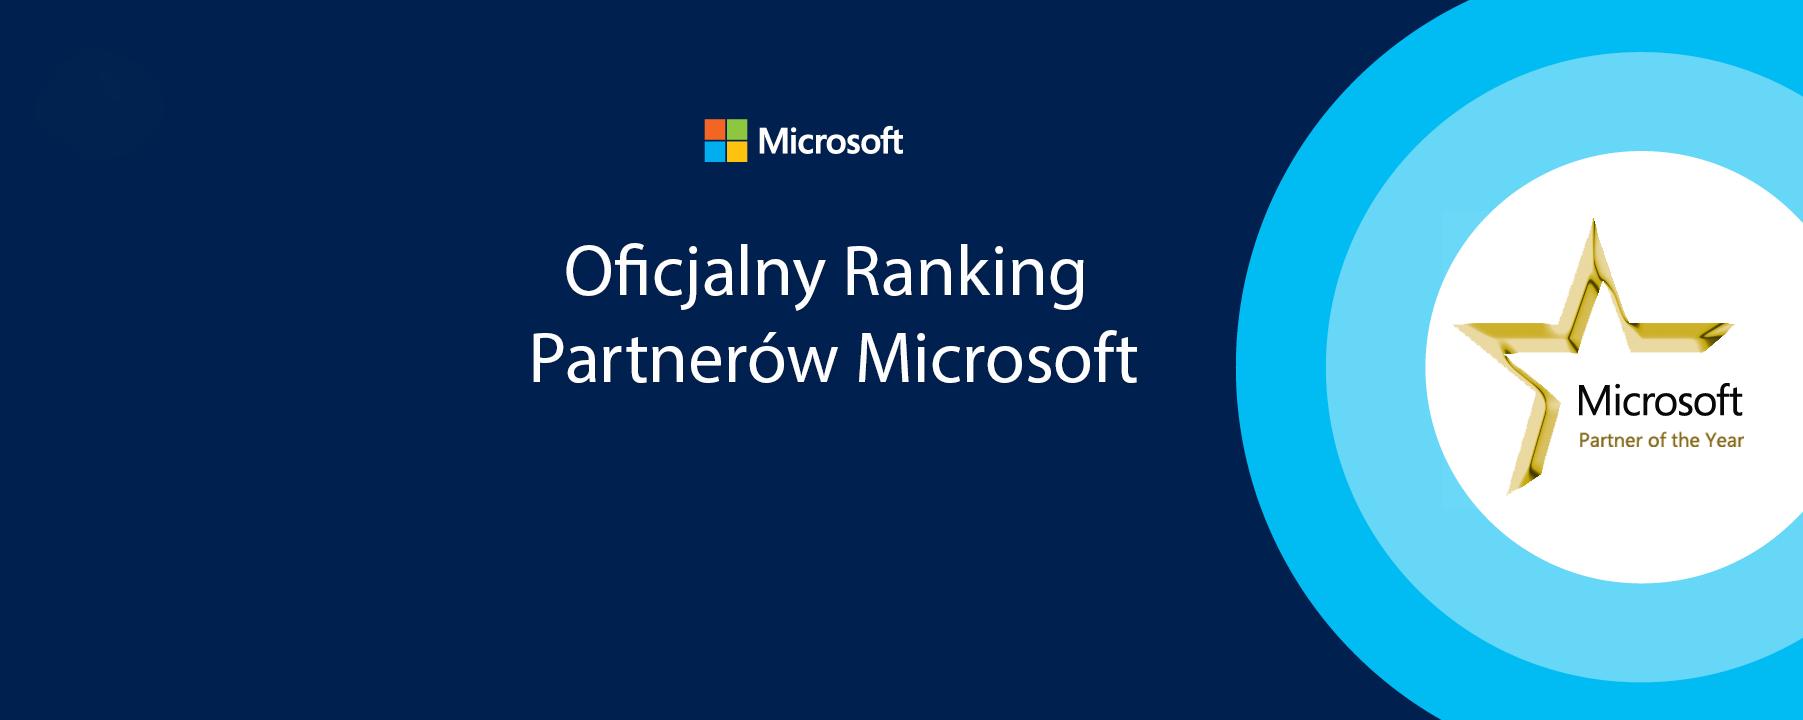 Oficjalny ranking partnerów Microsoft Dynamics – co to jest?